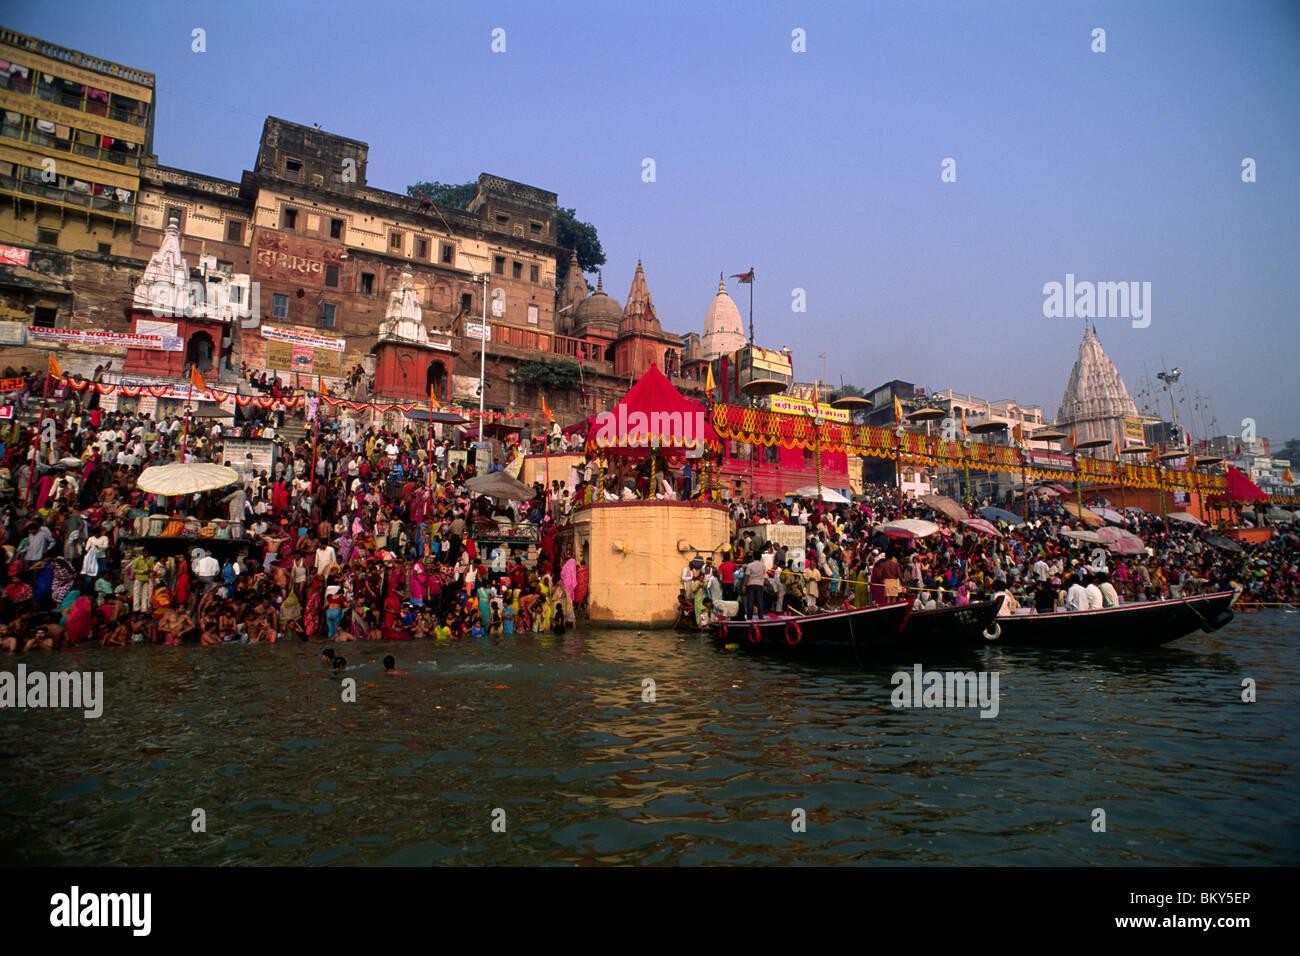 La India, Uttar Pradesh, Varanasi, río Ganges, kartik purnima festival Imagen De Stock